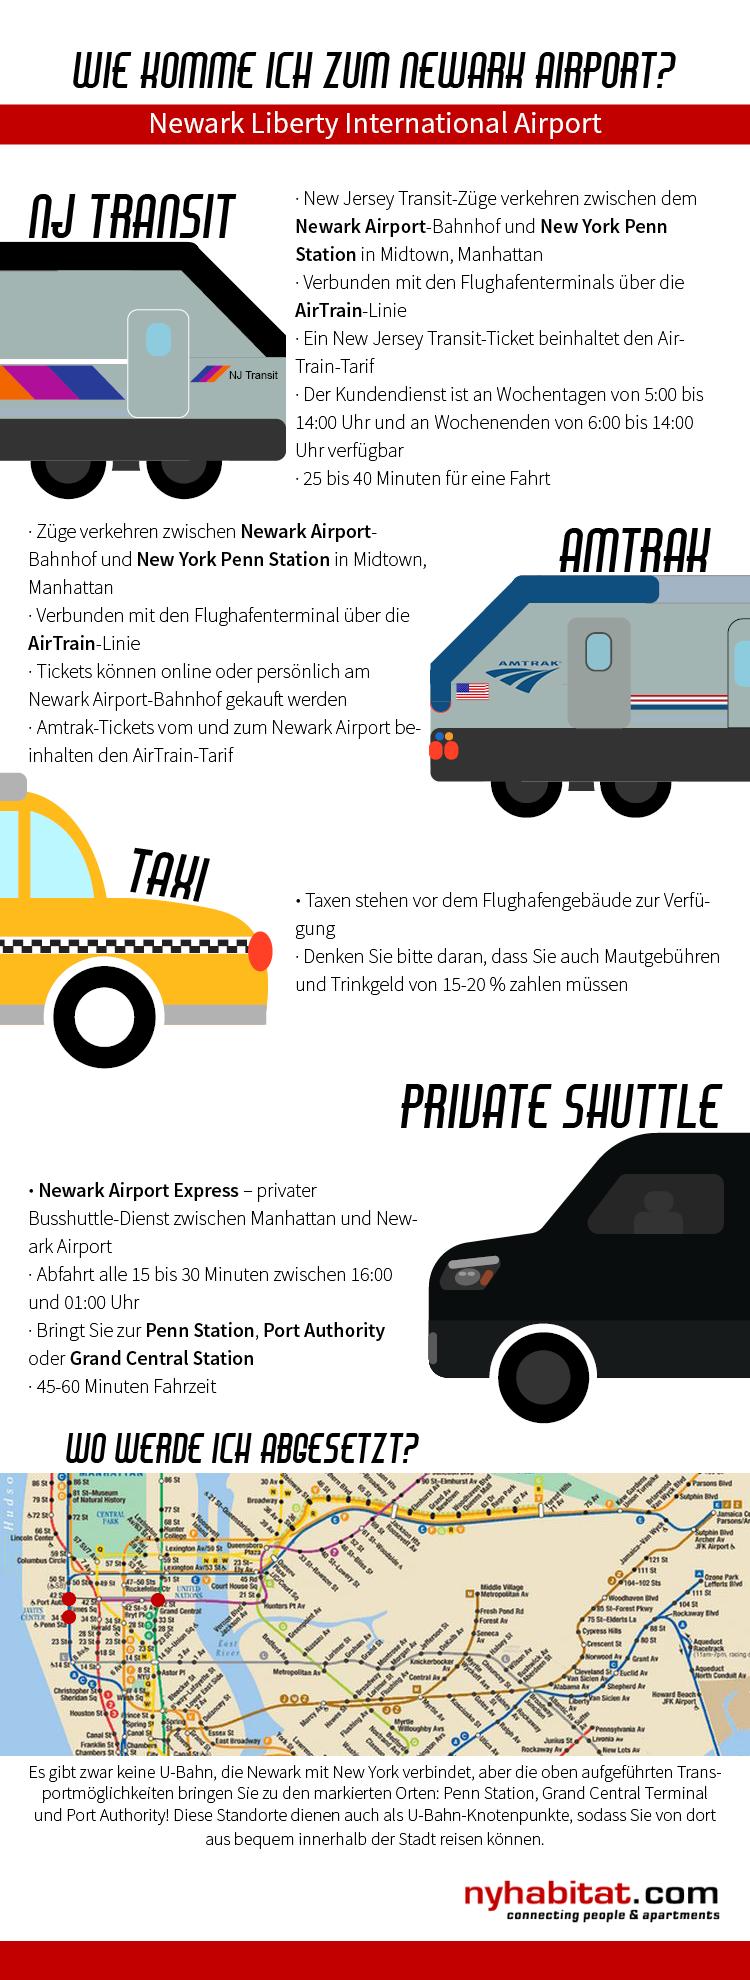 New York Habitats Infografik beschreibt Transportmöglichkeiten vom/zum Newark Airport, einschließlich New Jersey Transit, Amtrak, Taxi und Shuttlebussen.